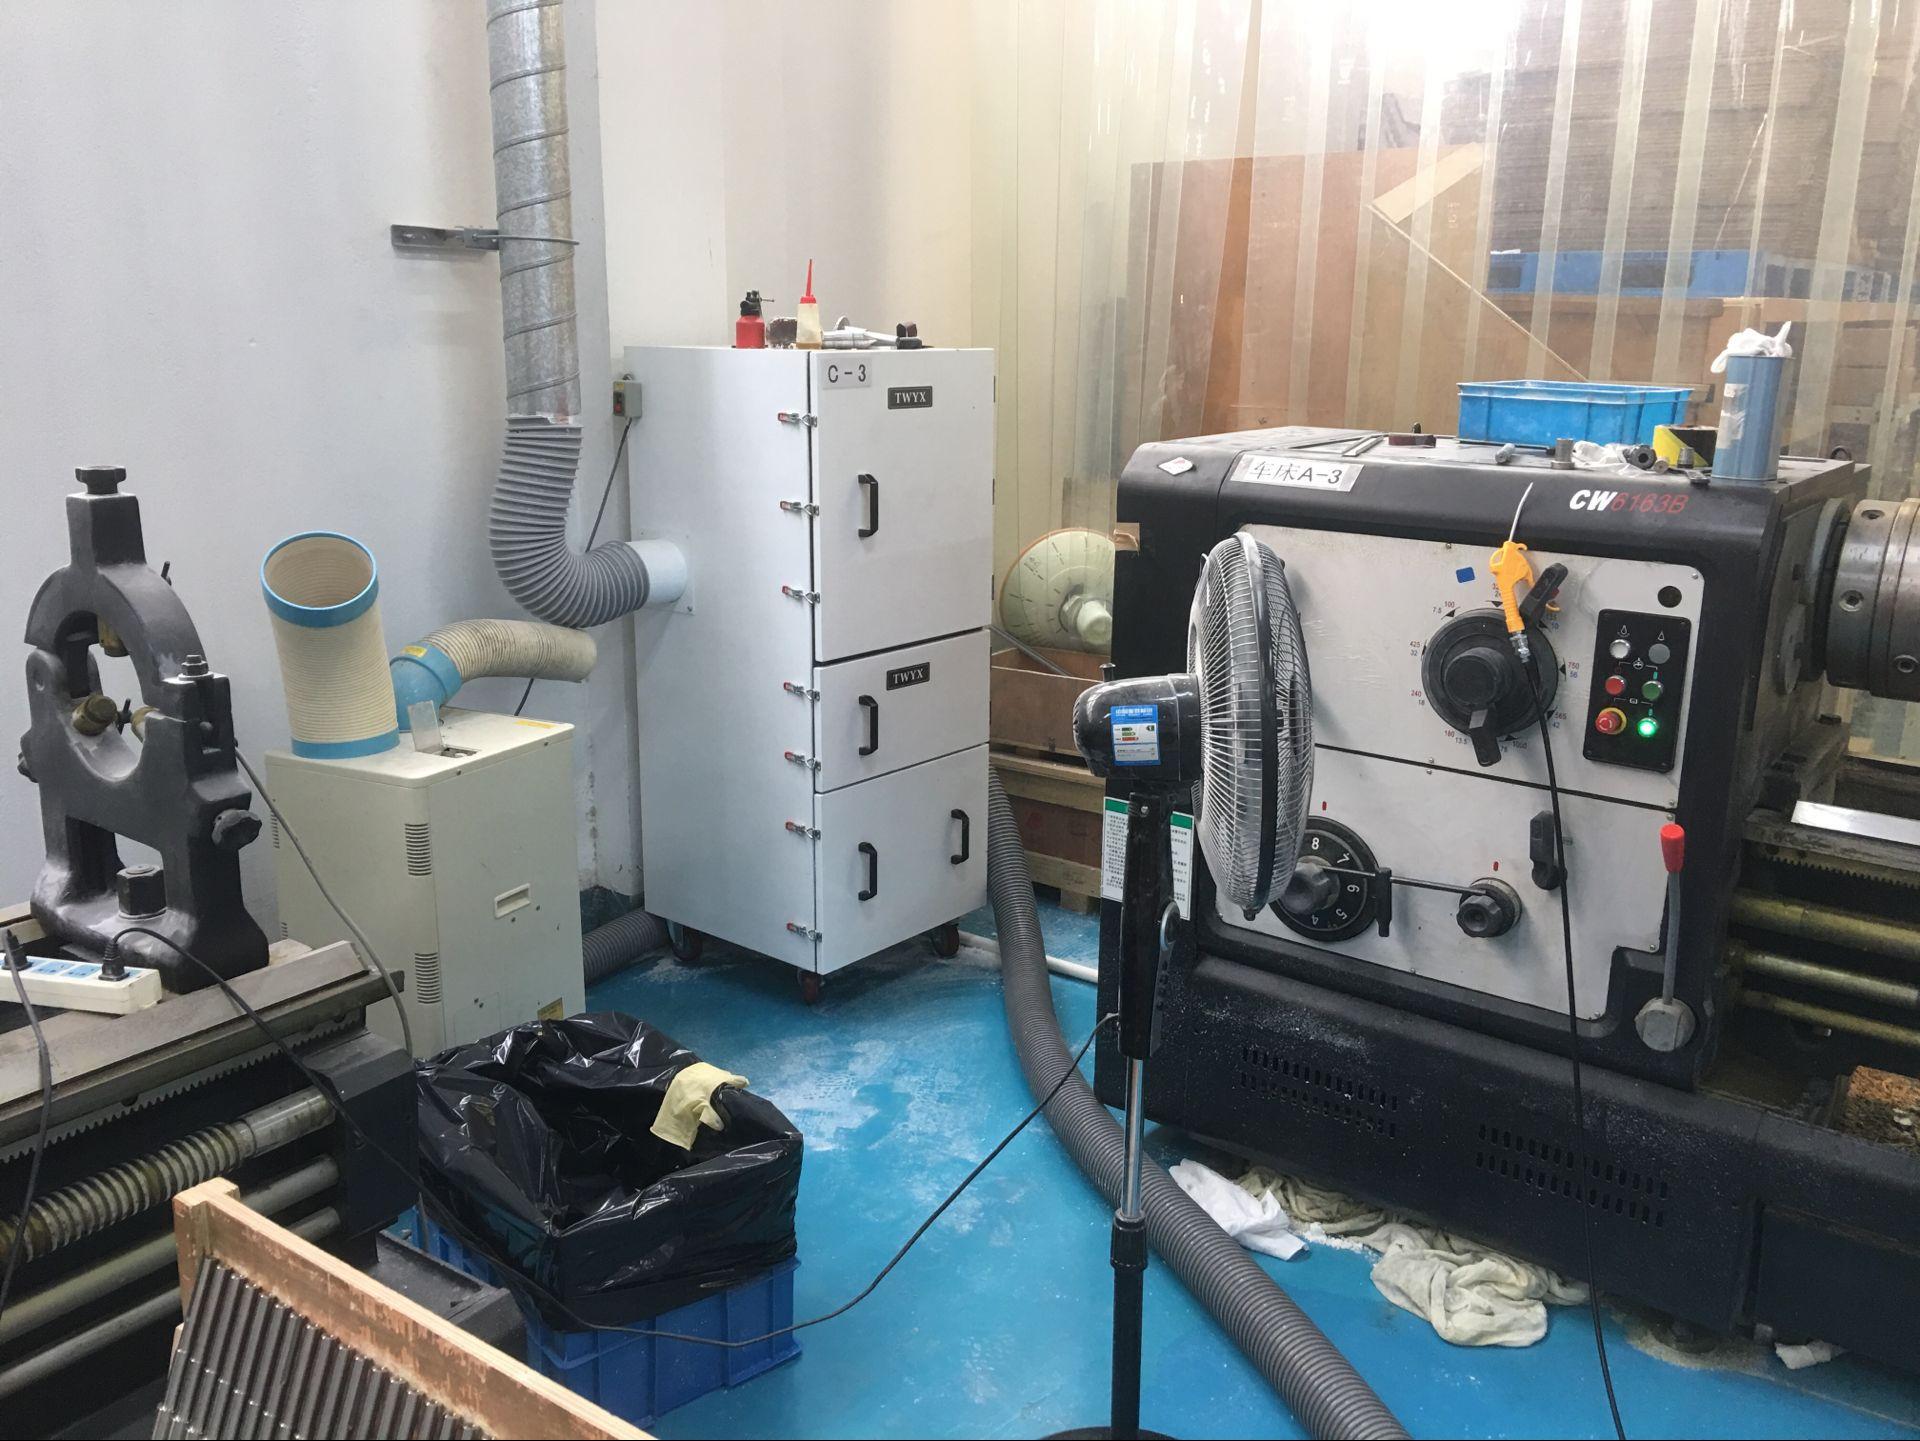 非标定制 磨床吸尘器CW-220S  功率2.2kw磨床金属粉末工业磨床吸尘器 工业吸尘器示例图9